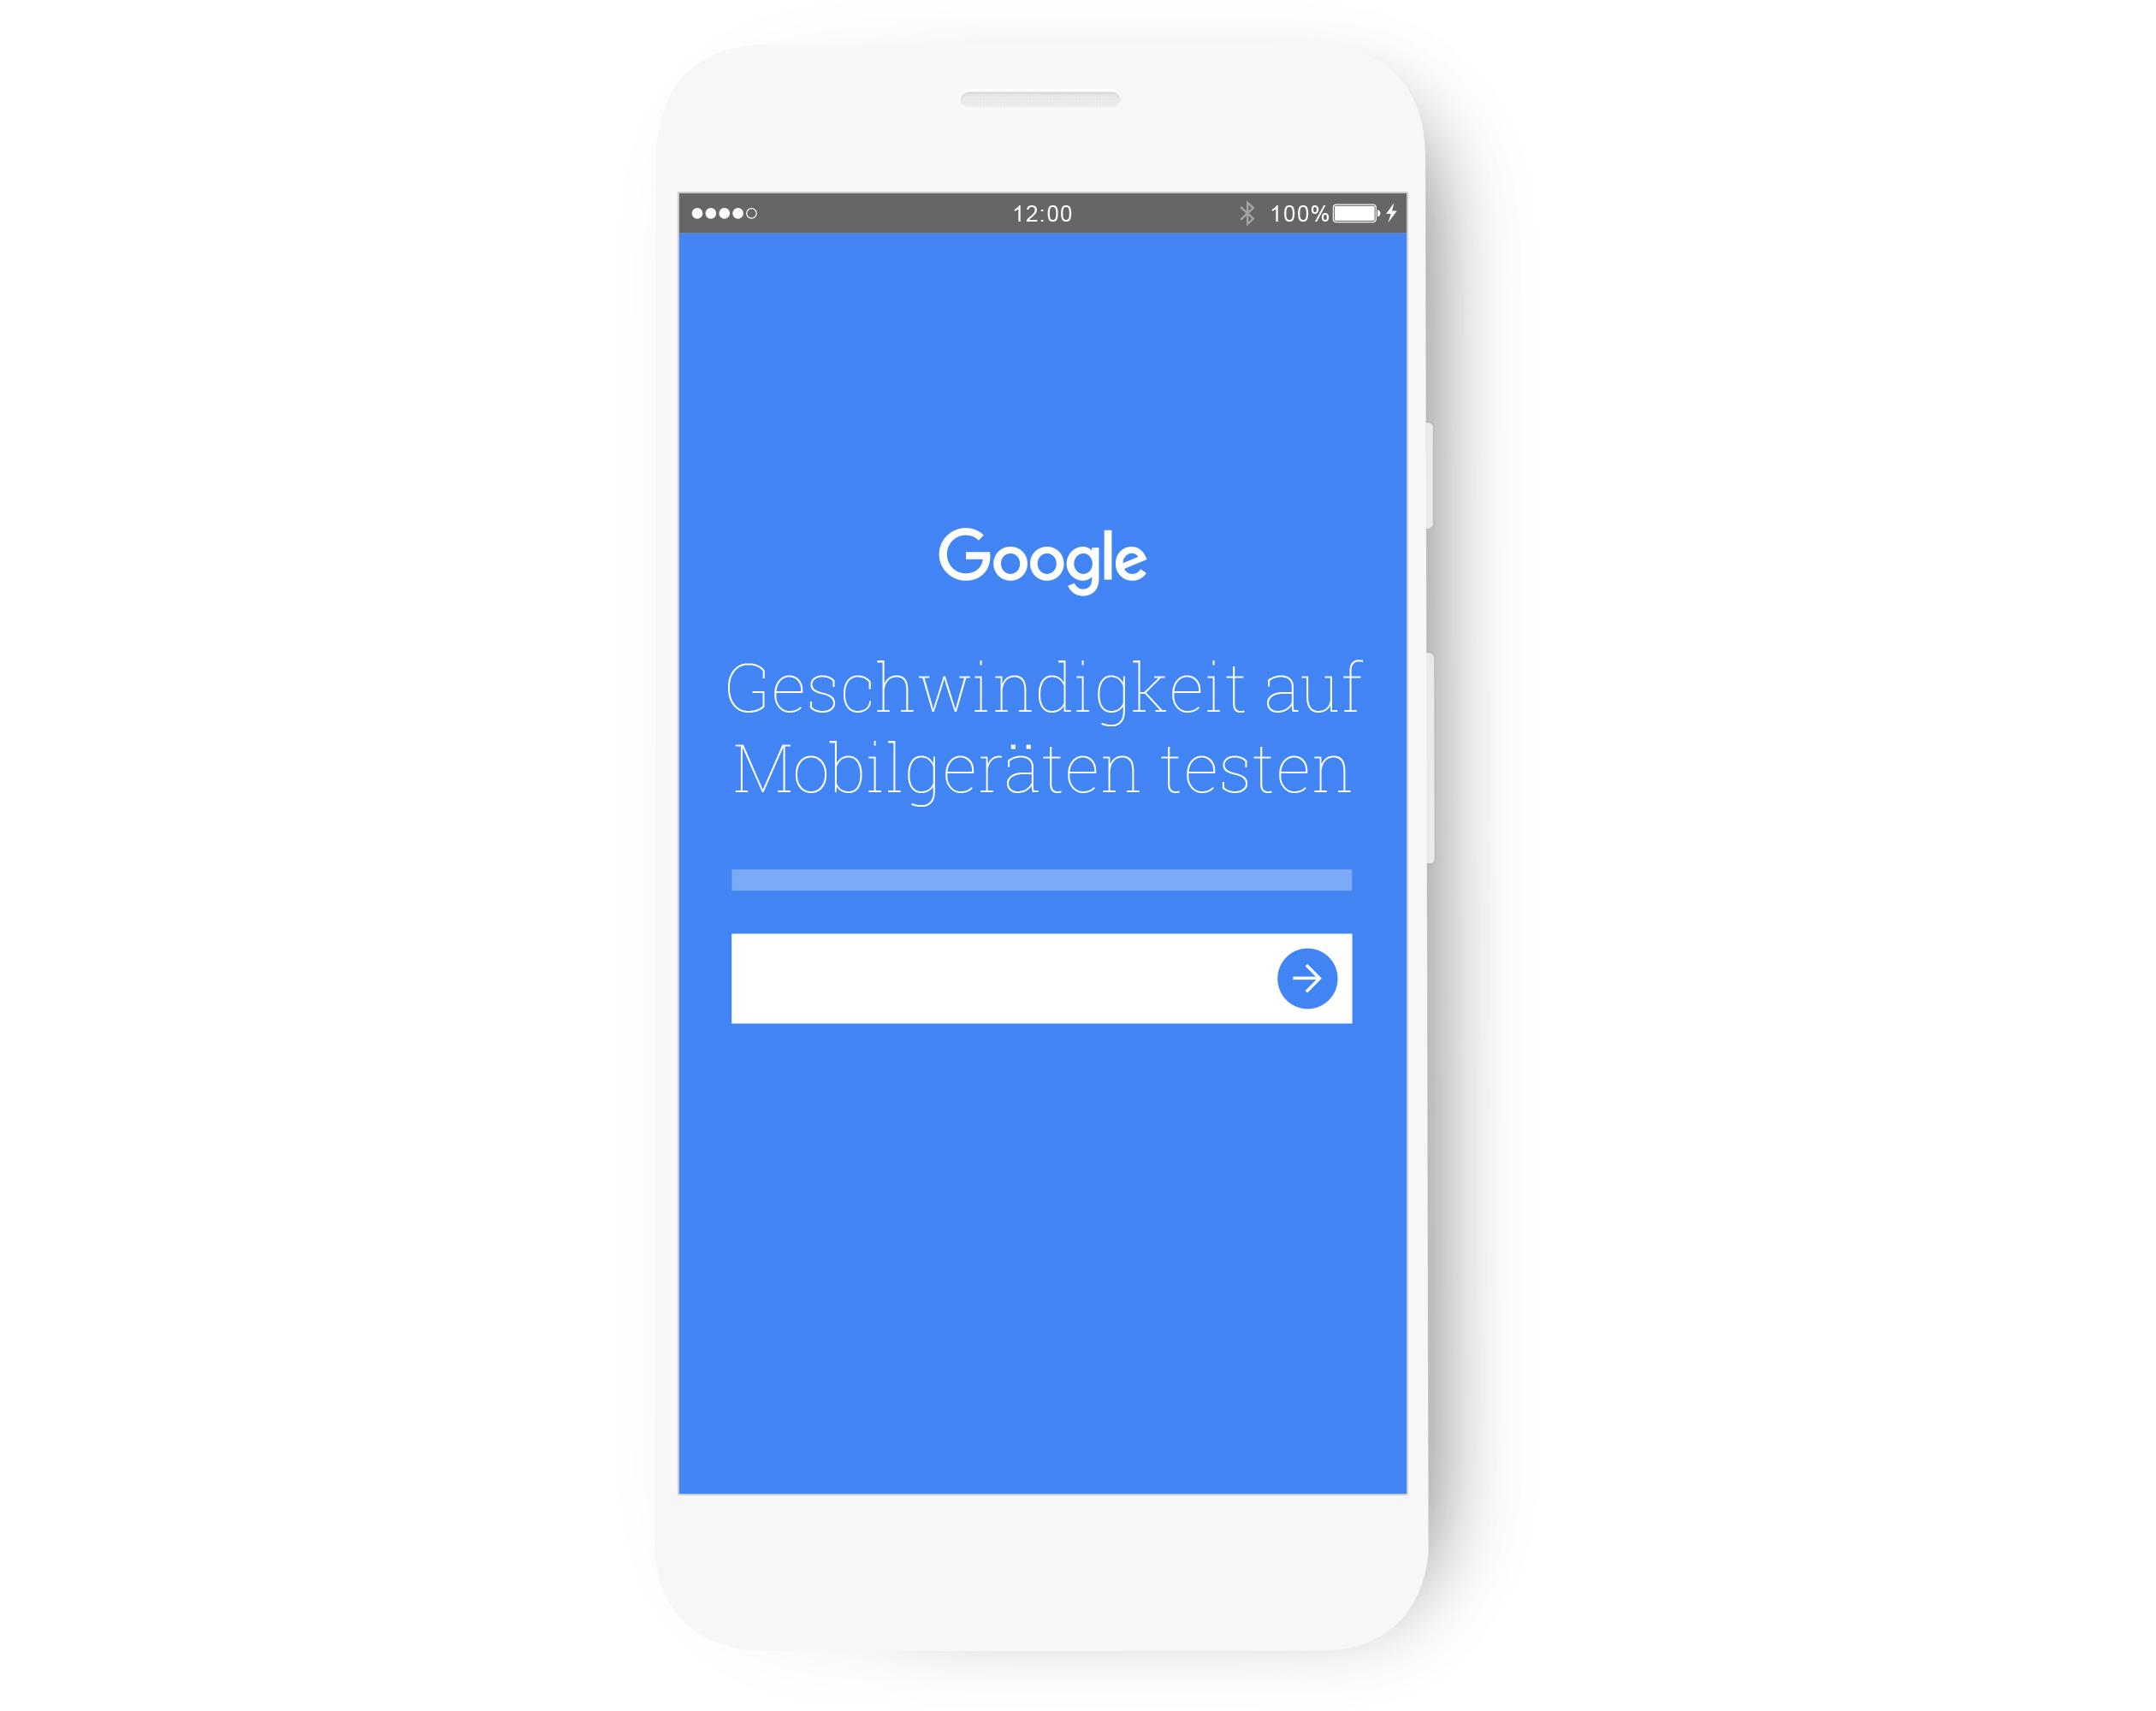 """Ein Smartphone-Display mit dem Text """"Test your mobile speed"""" (Testen Sie die Geschwindigkeit Ihrer Website auf Mobilgeräten))"""